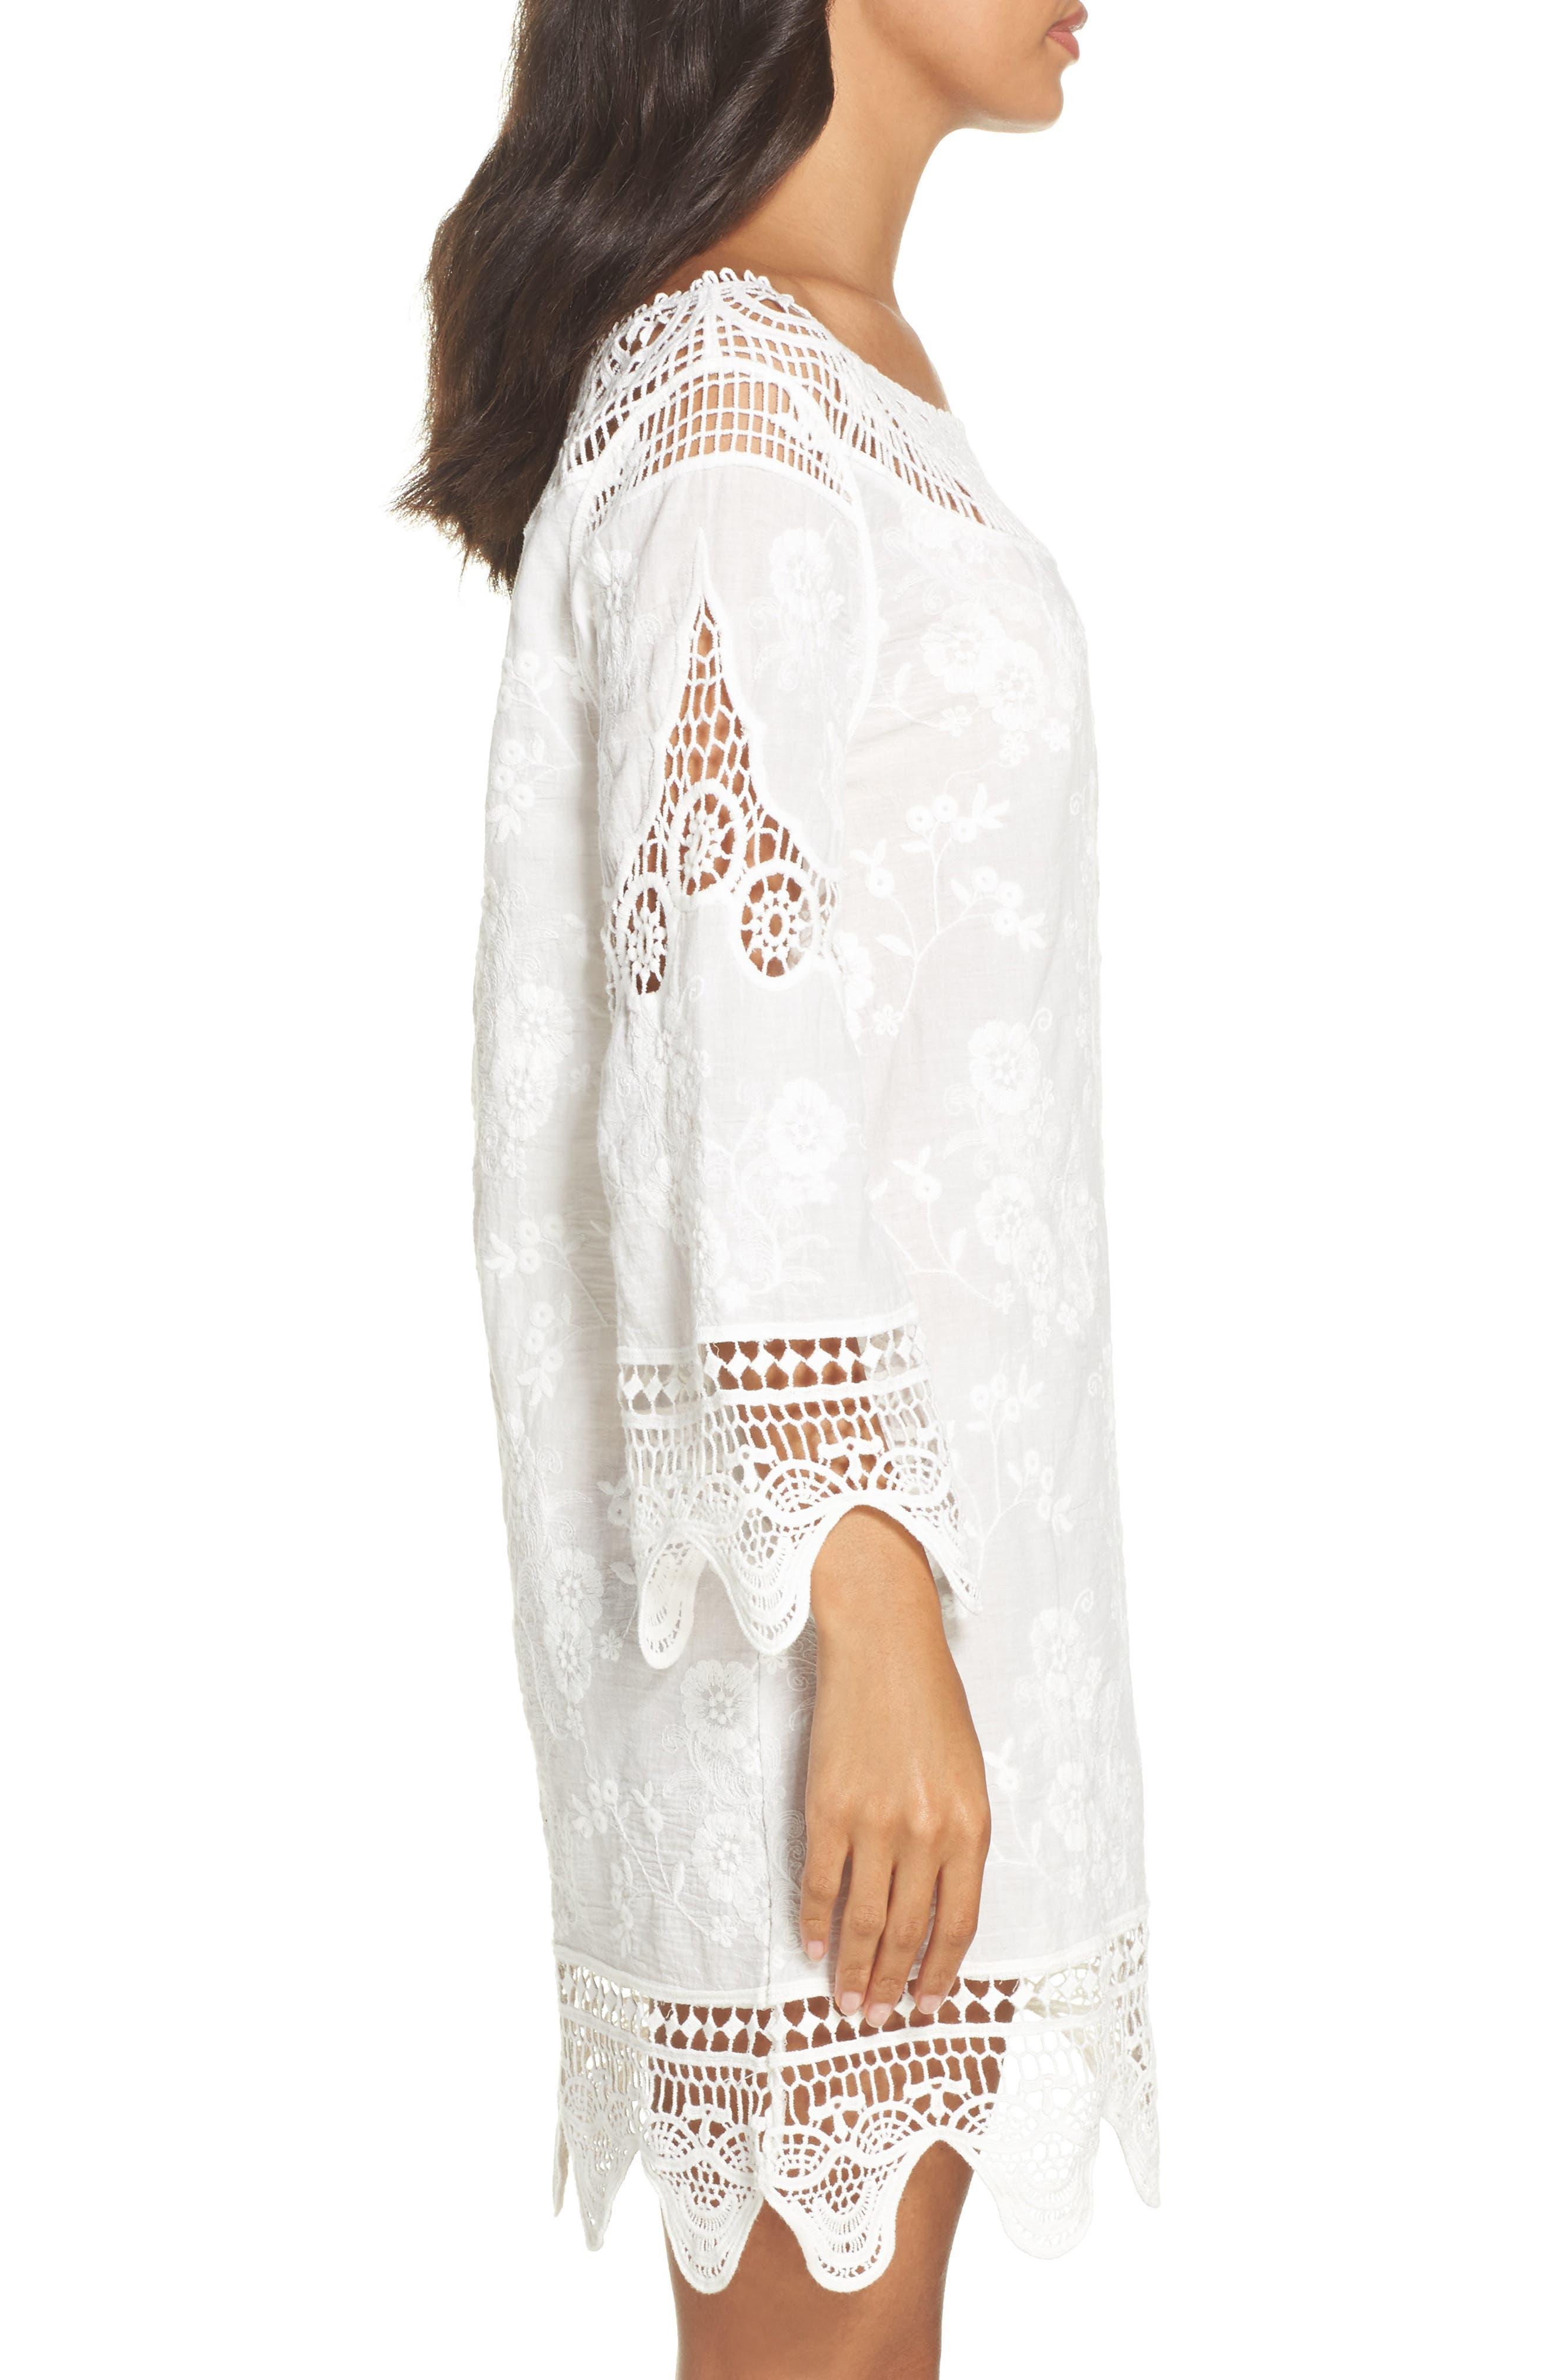 Zen Garden Cover-Up Dress,                             Alternate thumbnail 3, color,                             White